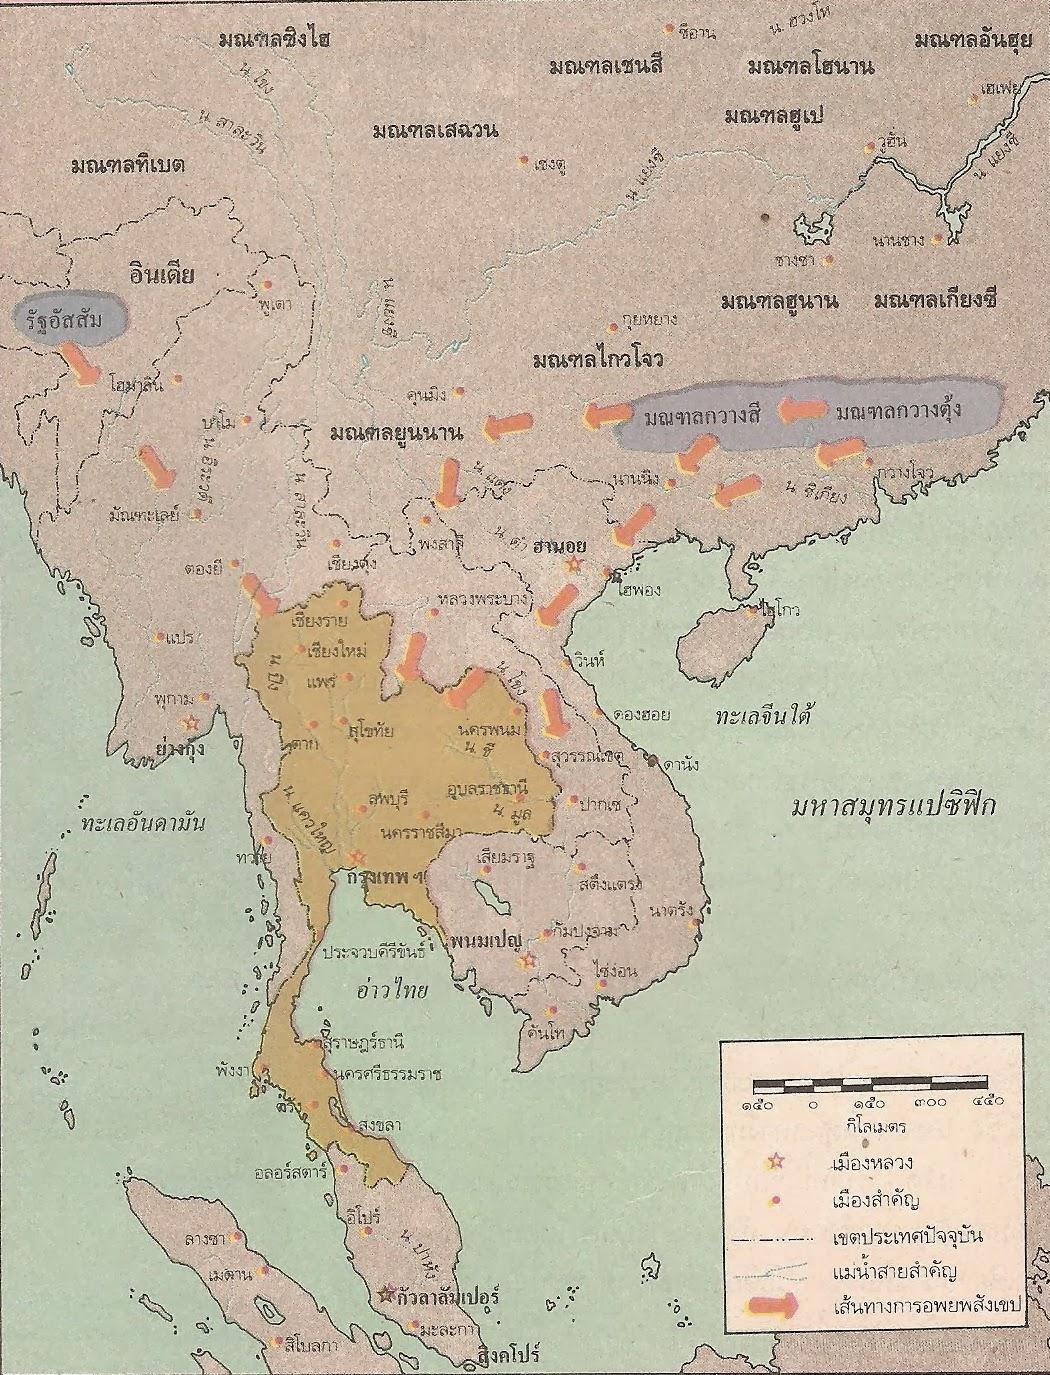 แผนที่แสดงถิ่นกำเนิดไทยตามแนวคิดที่ 2